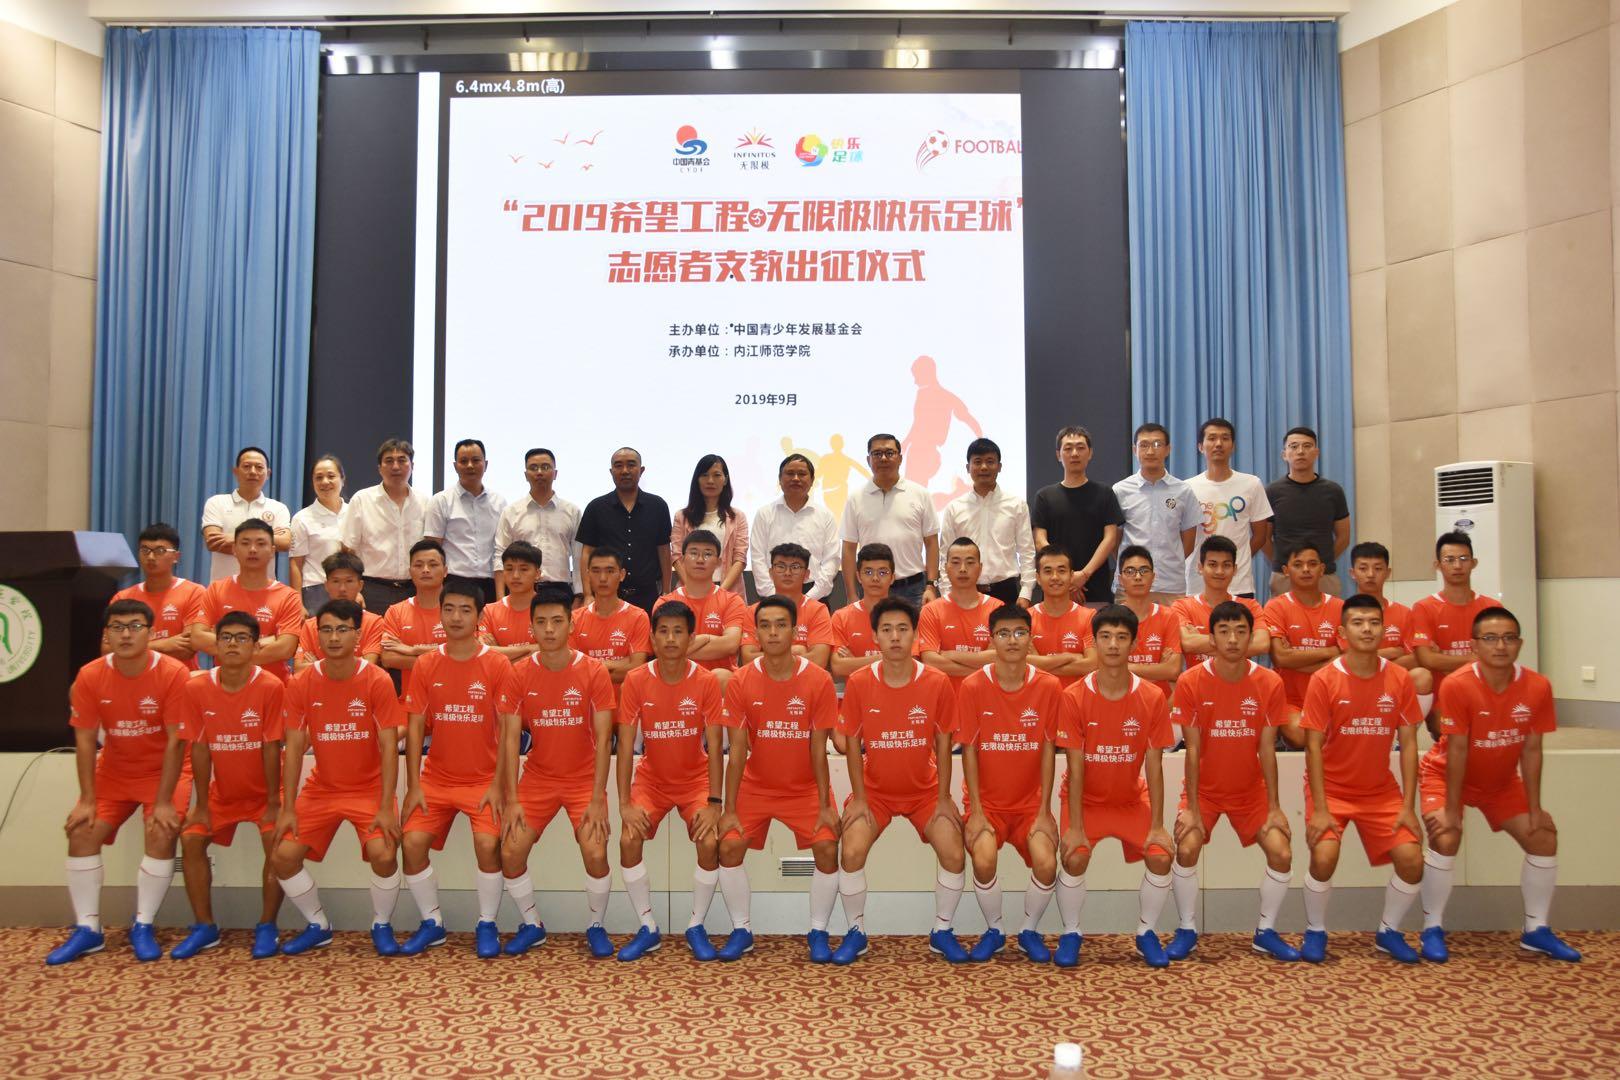 让边远地区小学生享受足球快乐 2019无限极快乐足球志愿者四川出征